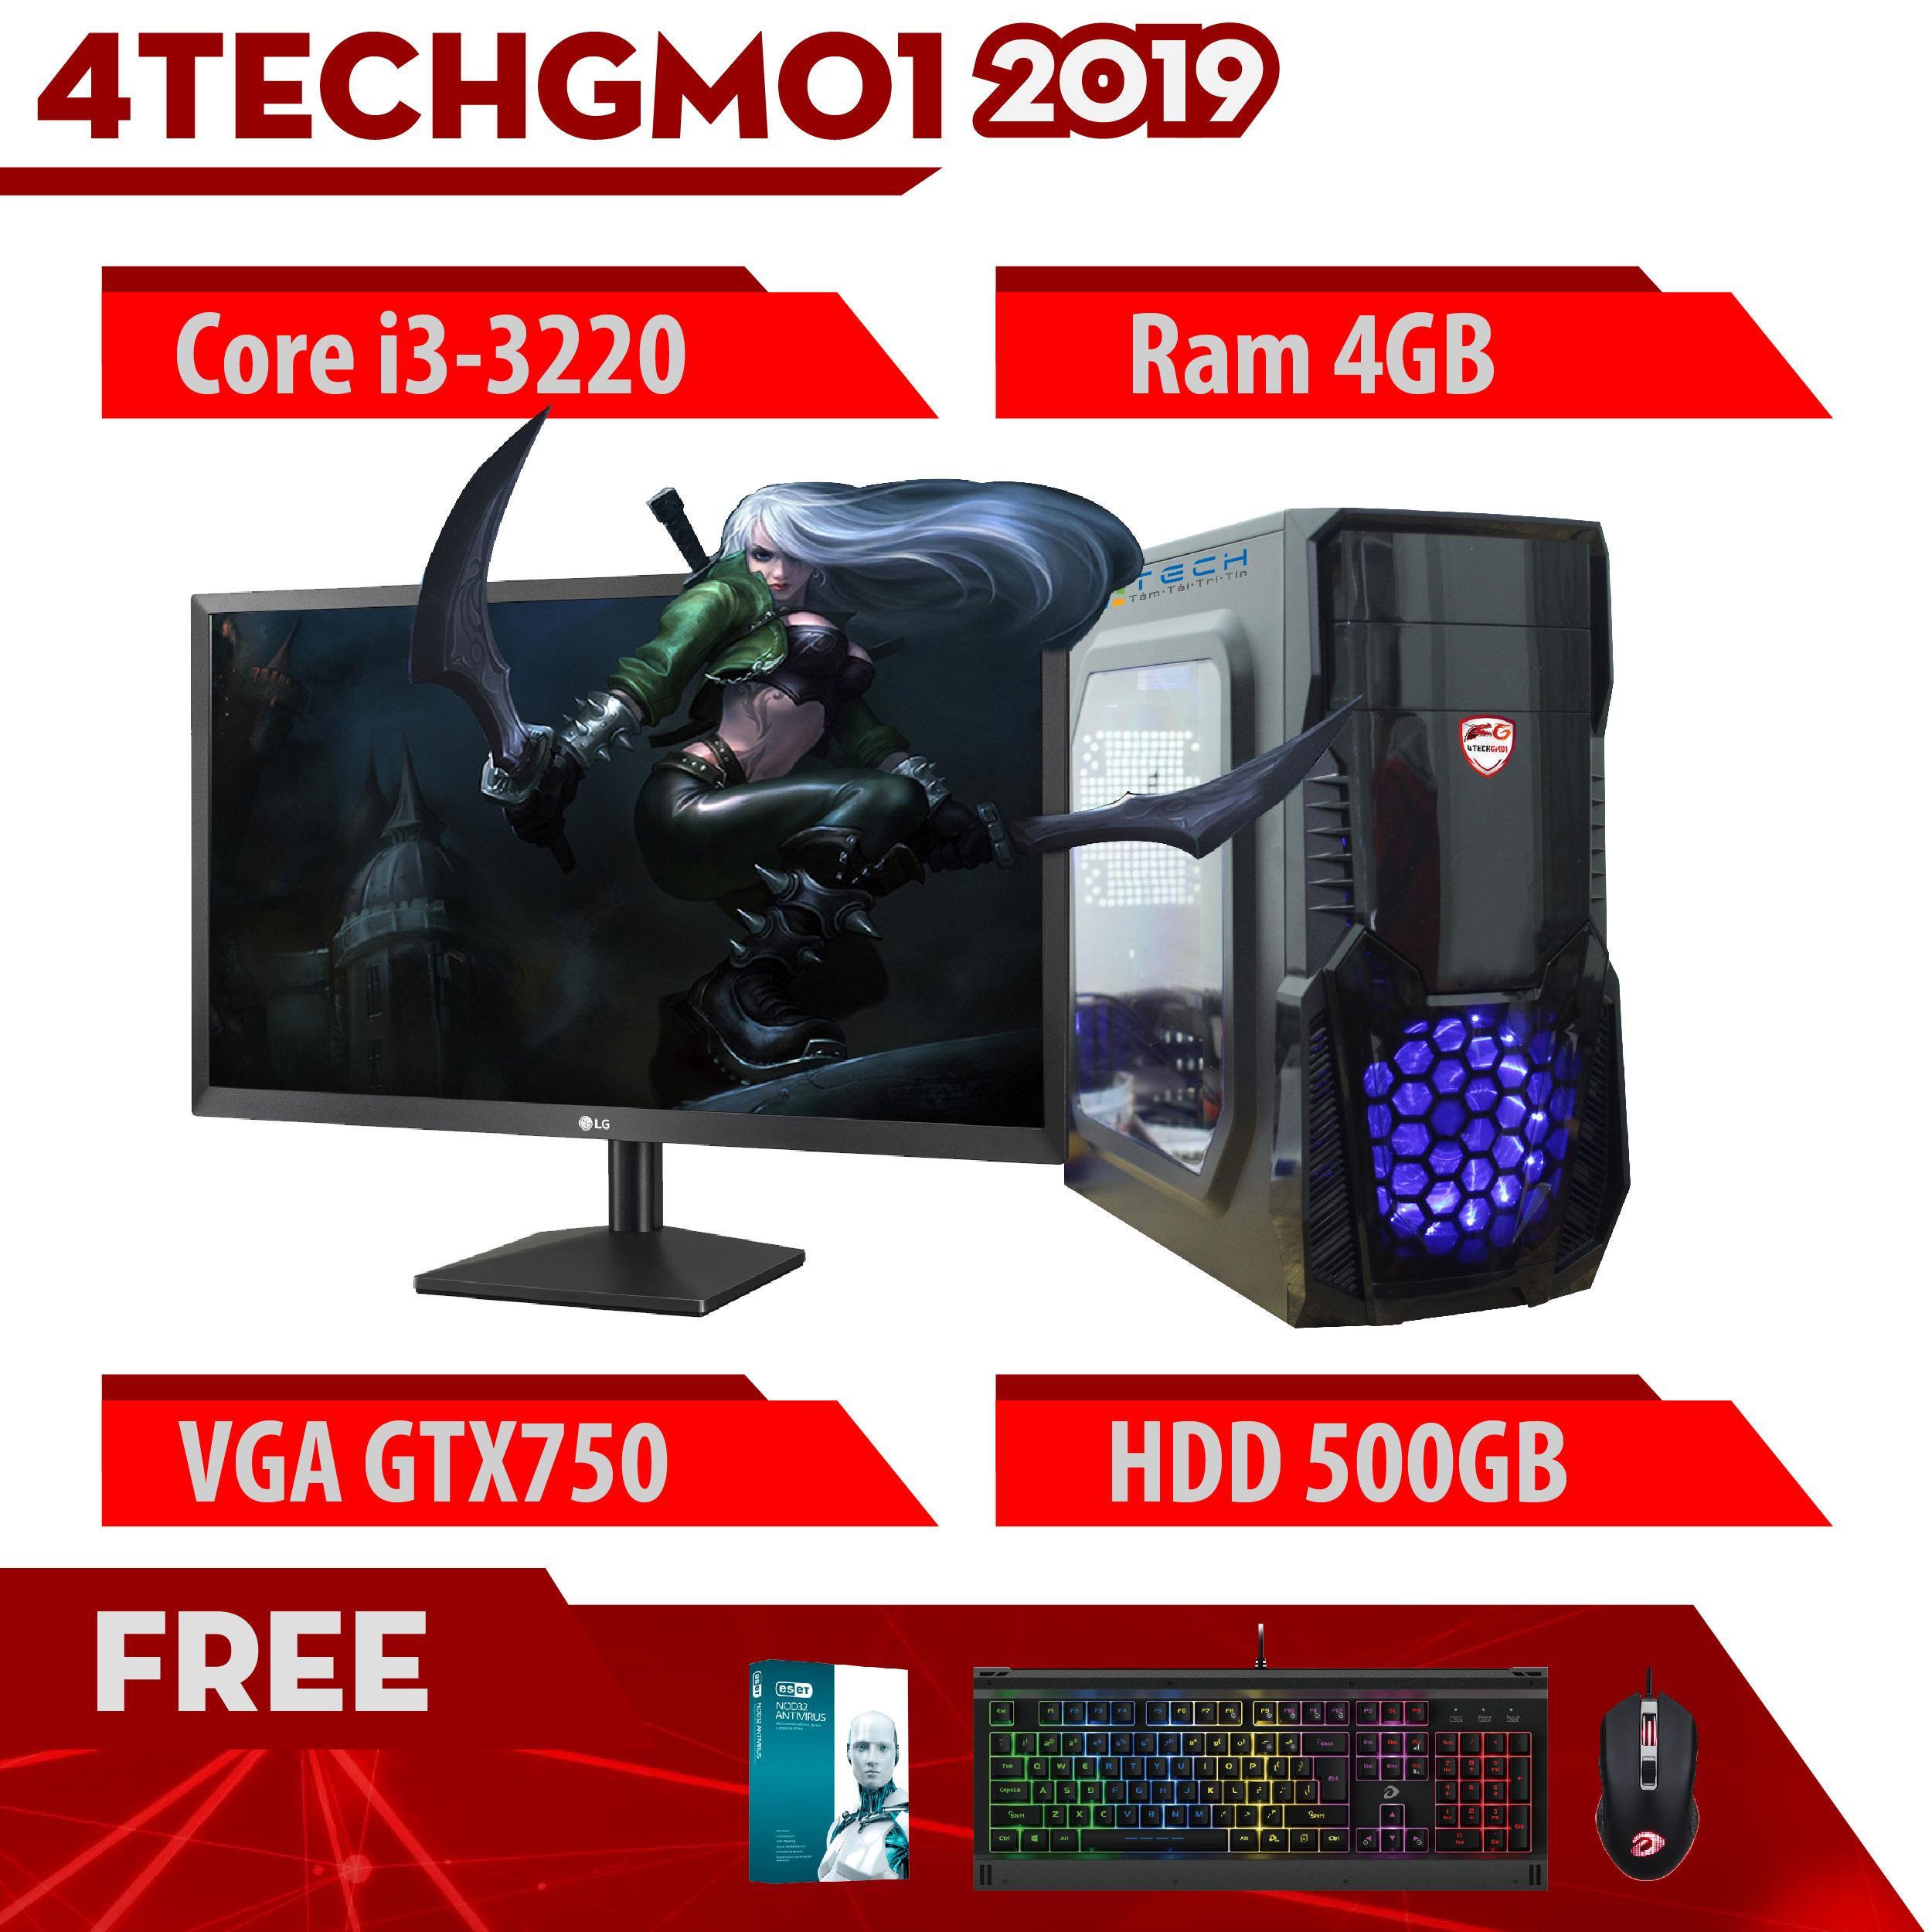 Máy Tính Chơi Game 4TechGM01 2019 Core i3-3220, Ram 4GB, HDD 500GB, VGA GTX750, Màn Hình LG 24 inch - Tặng Bộ Phím Chuột Gaming DareU.